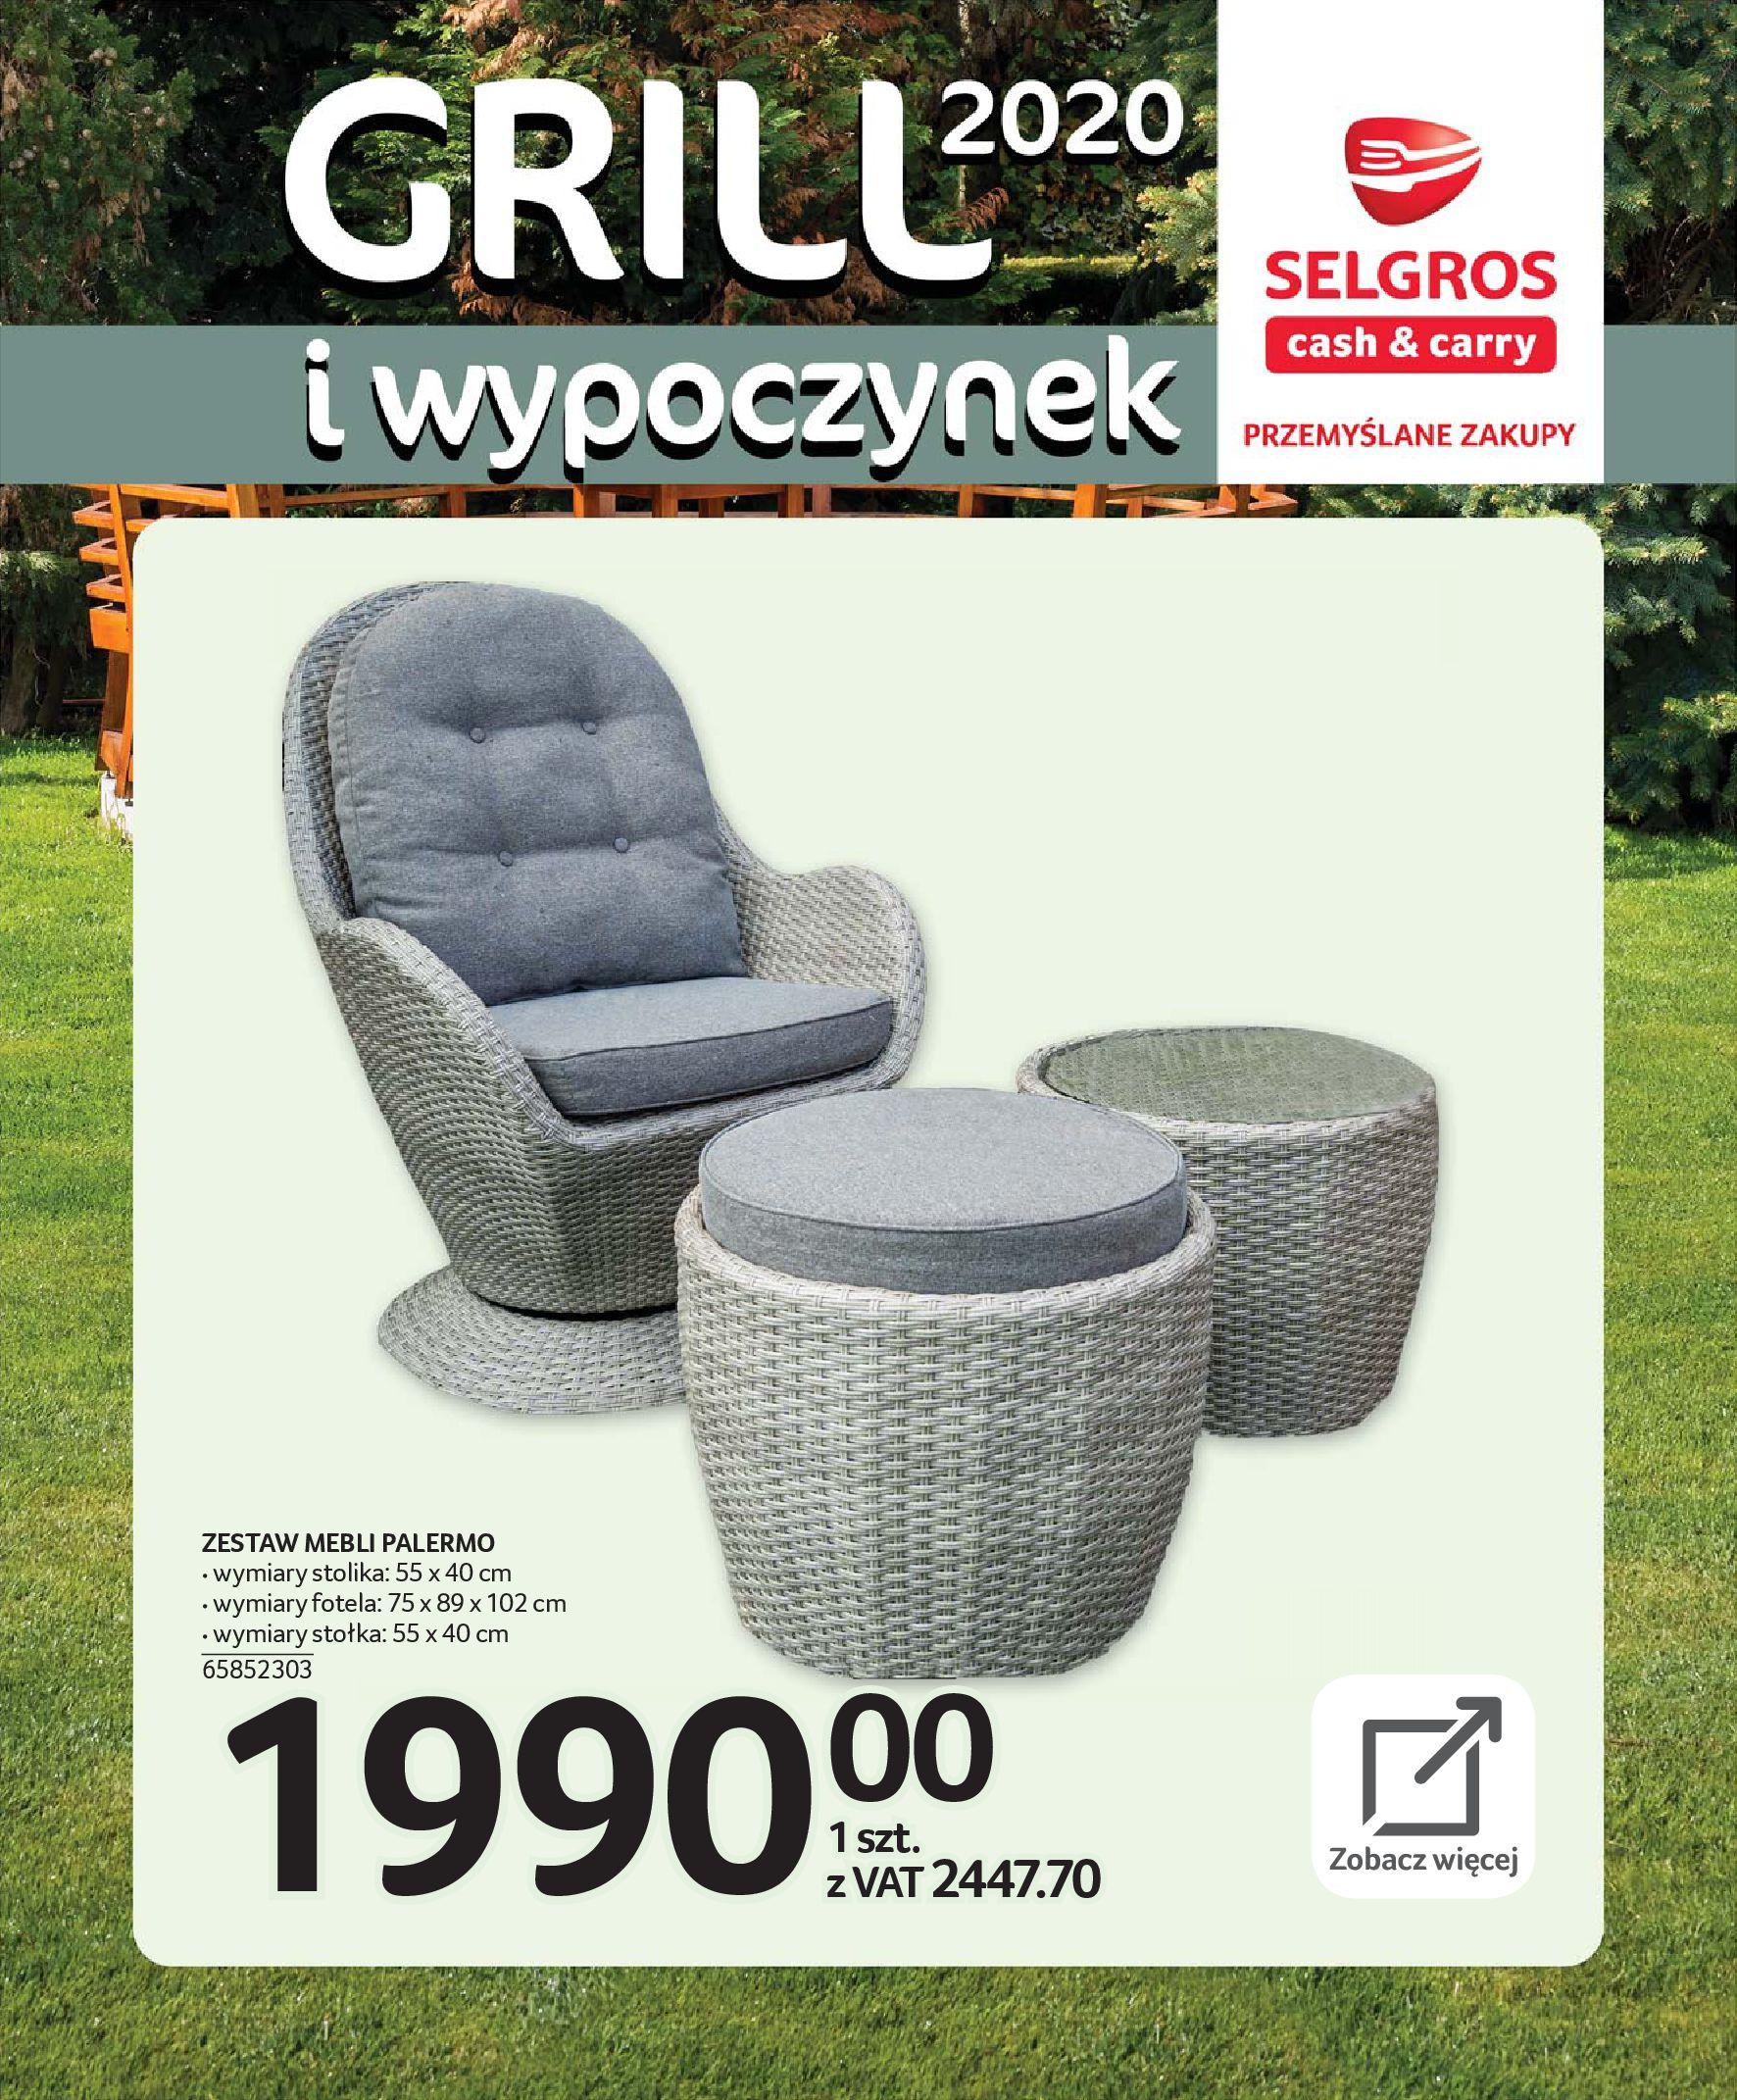 Gazetka Selgros - Katalog - Grill i wypoczynek-31.03.2020-31.08.2020-page-6